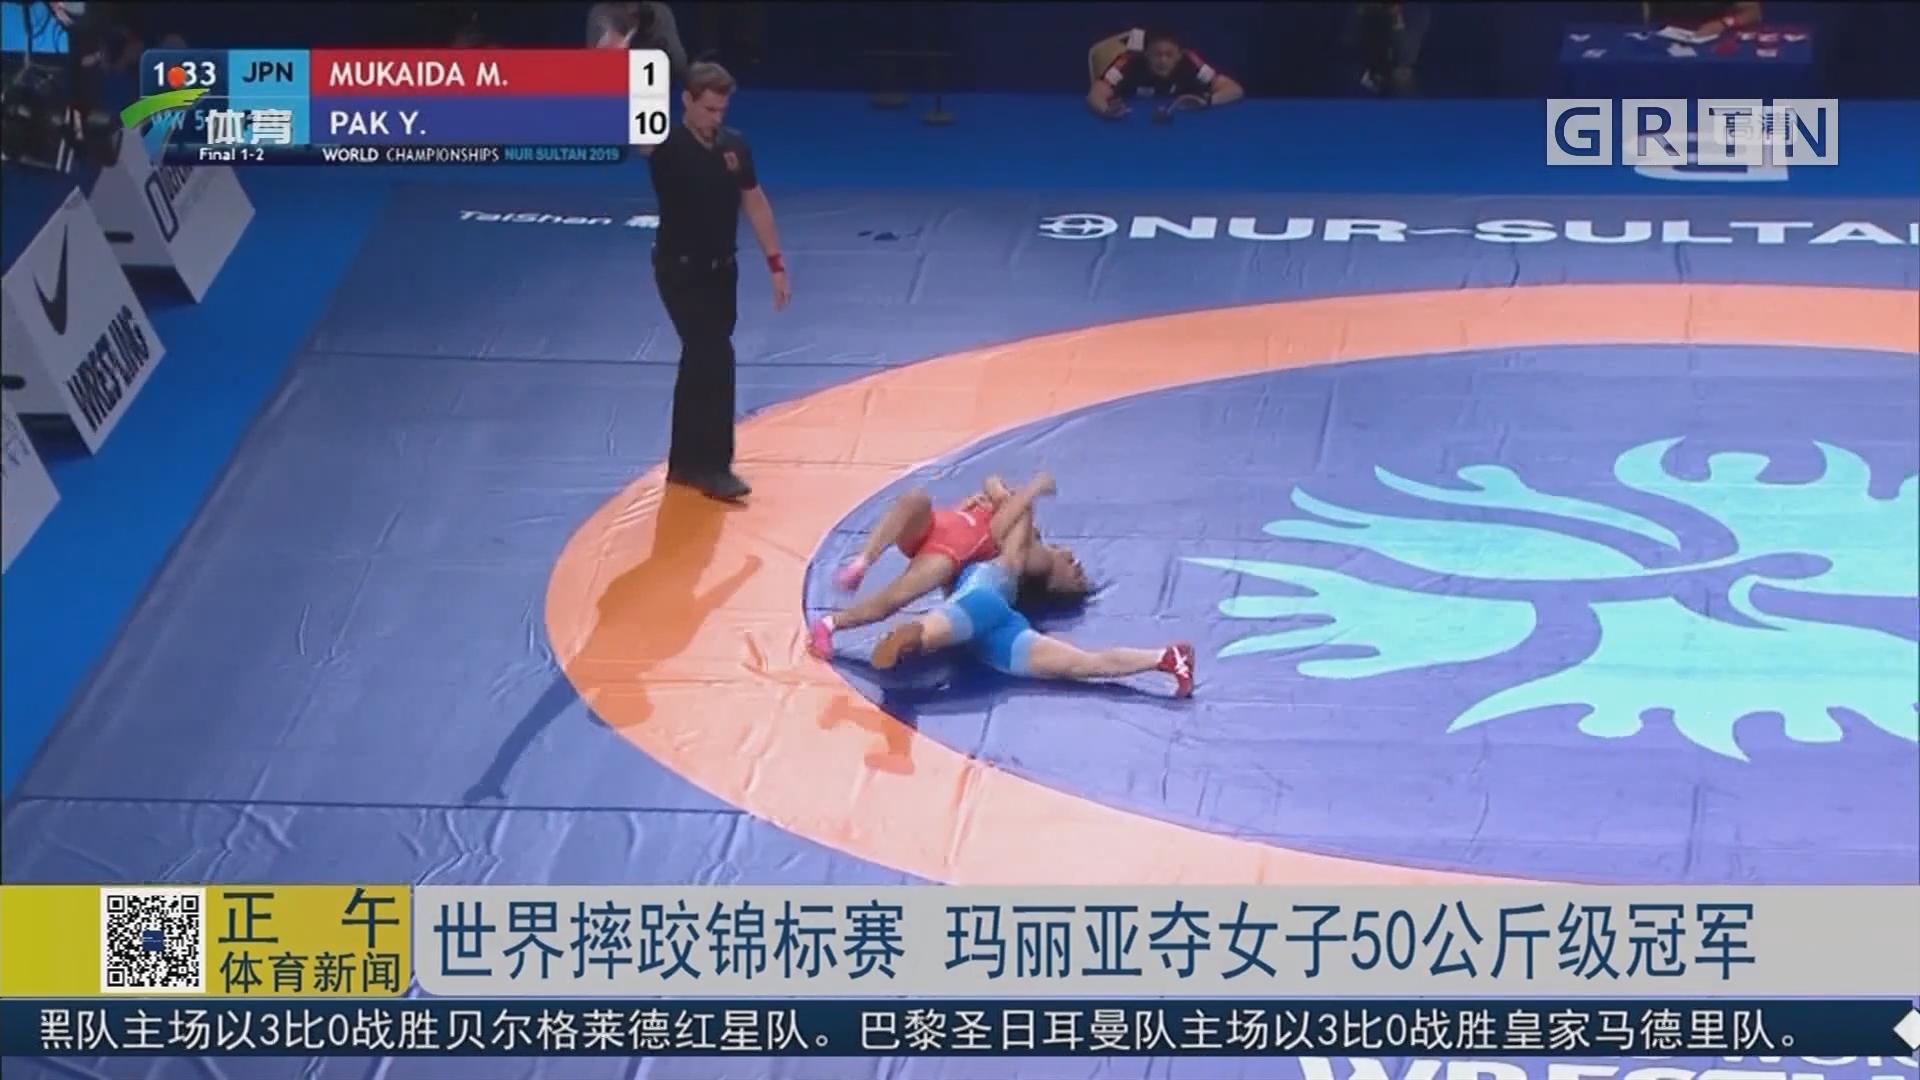 世界摔跤锦标赛 玛丽亚夺女子50公斤级冠军